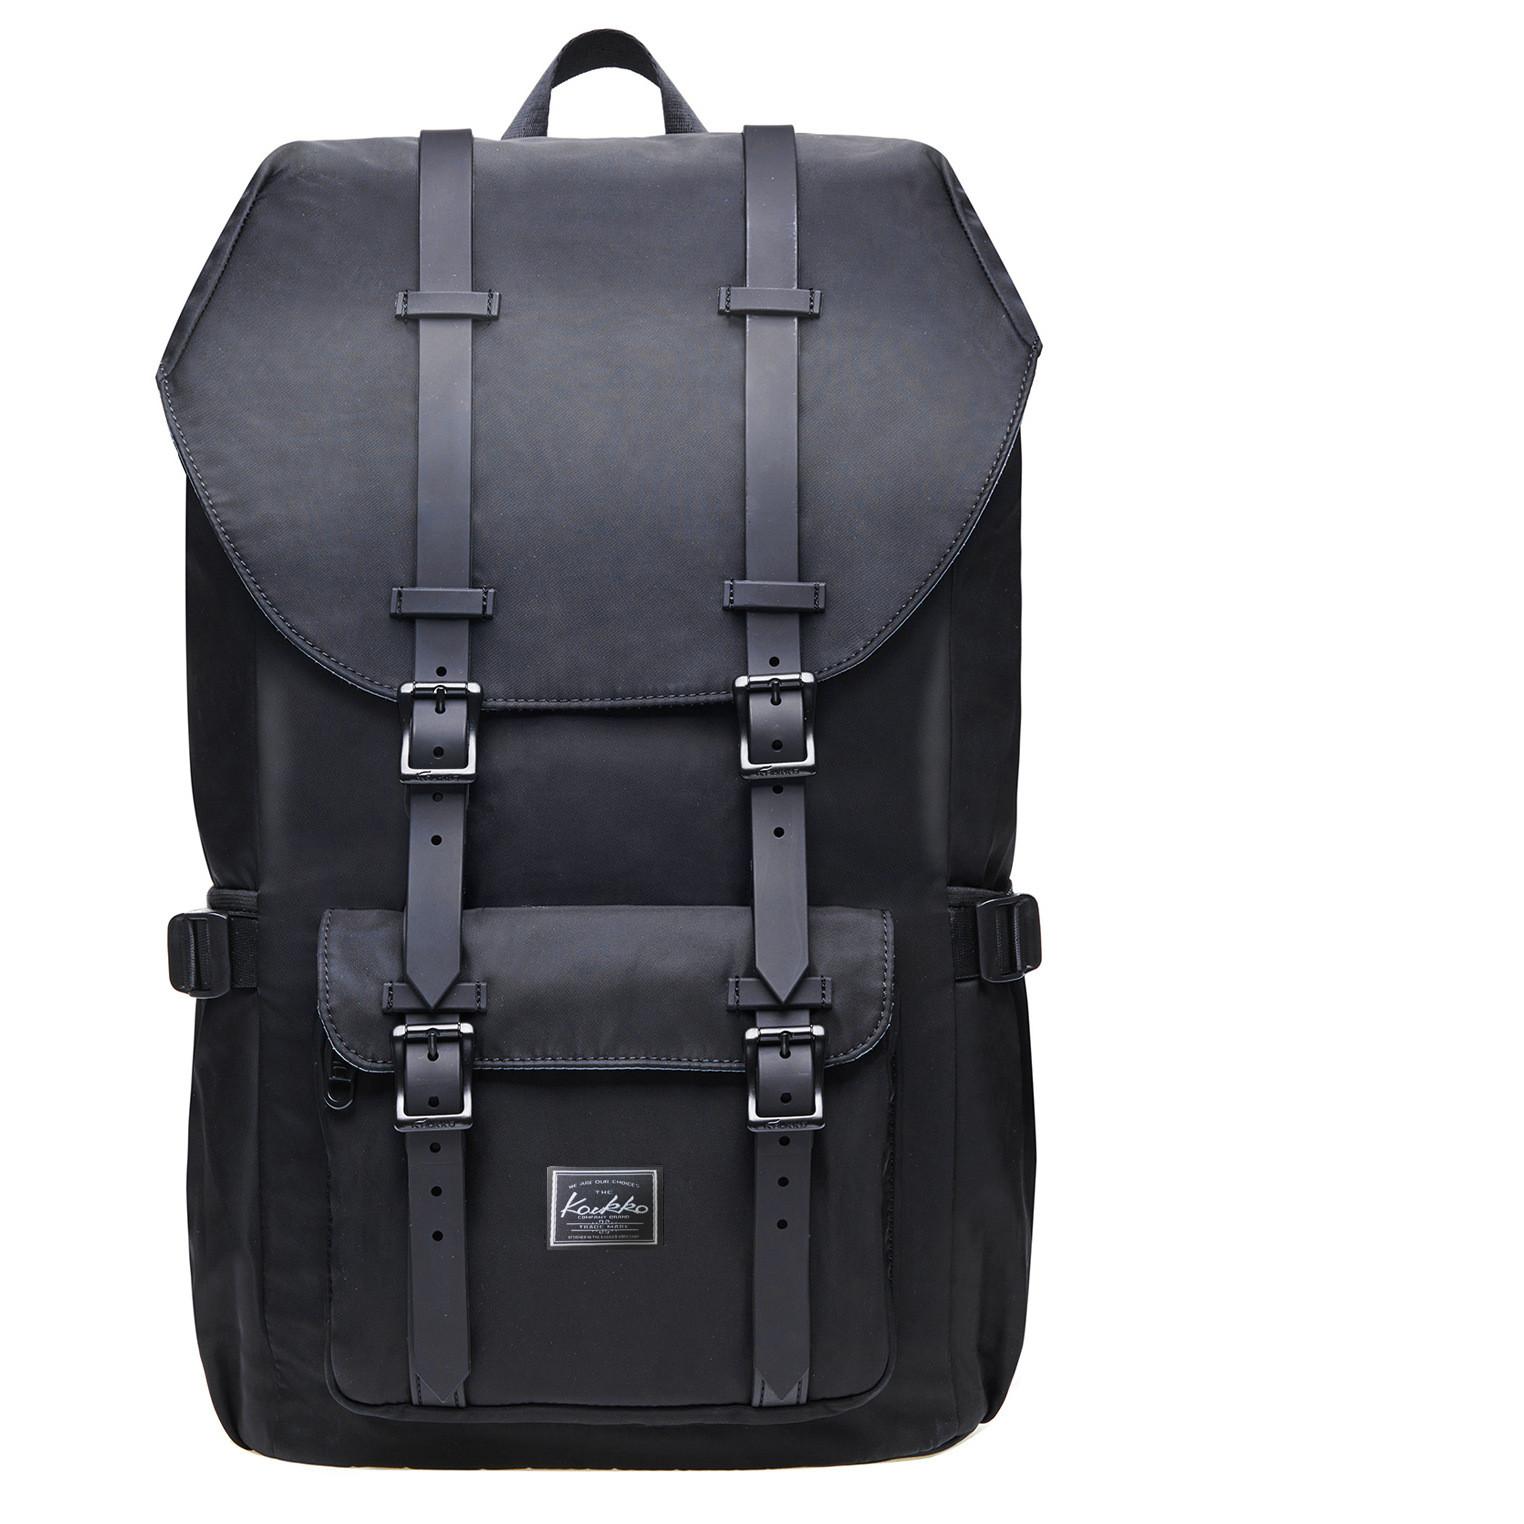 Large Capacity Backpack Black - Hip-Hatter